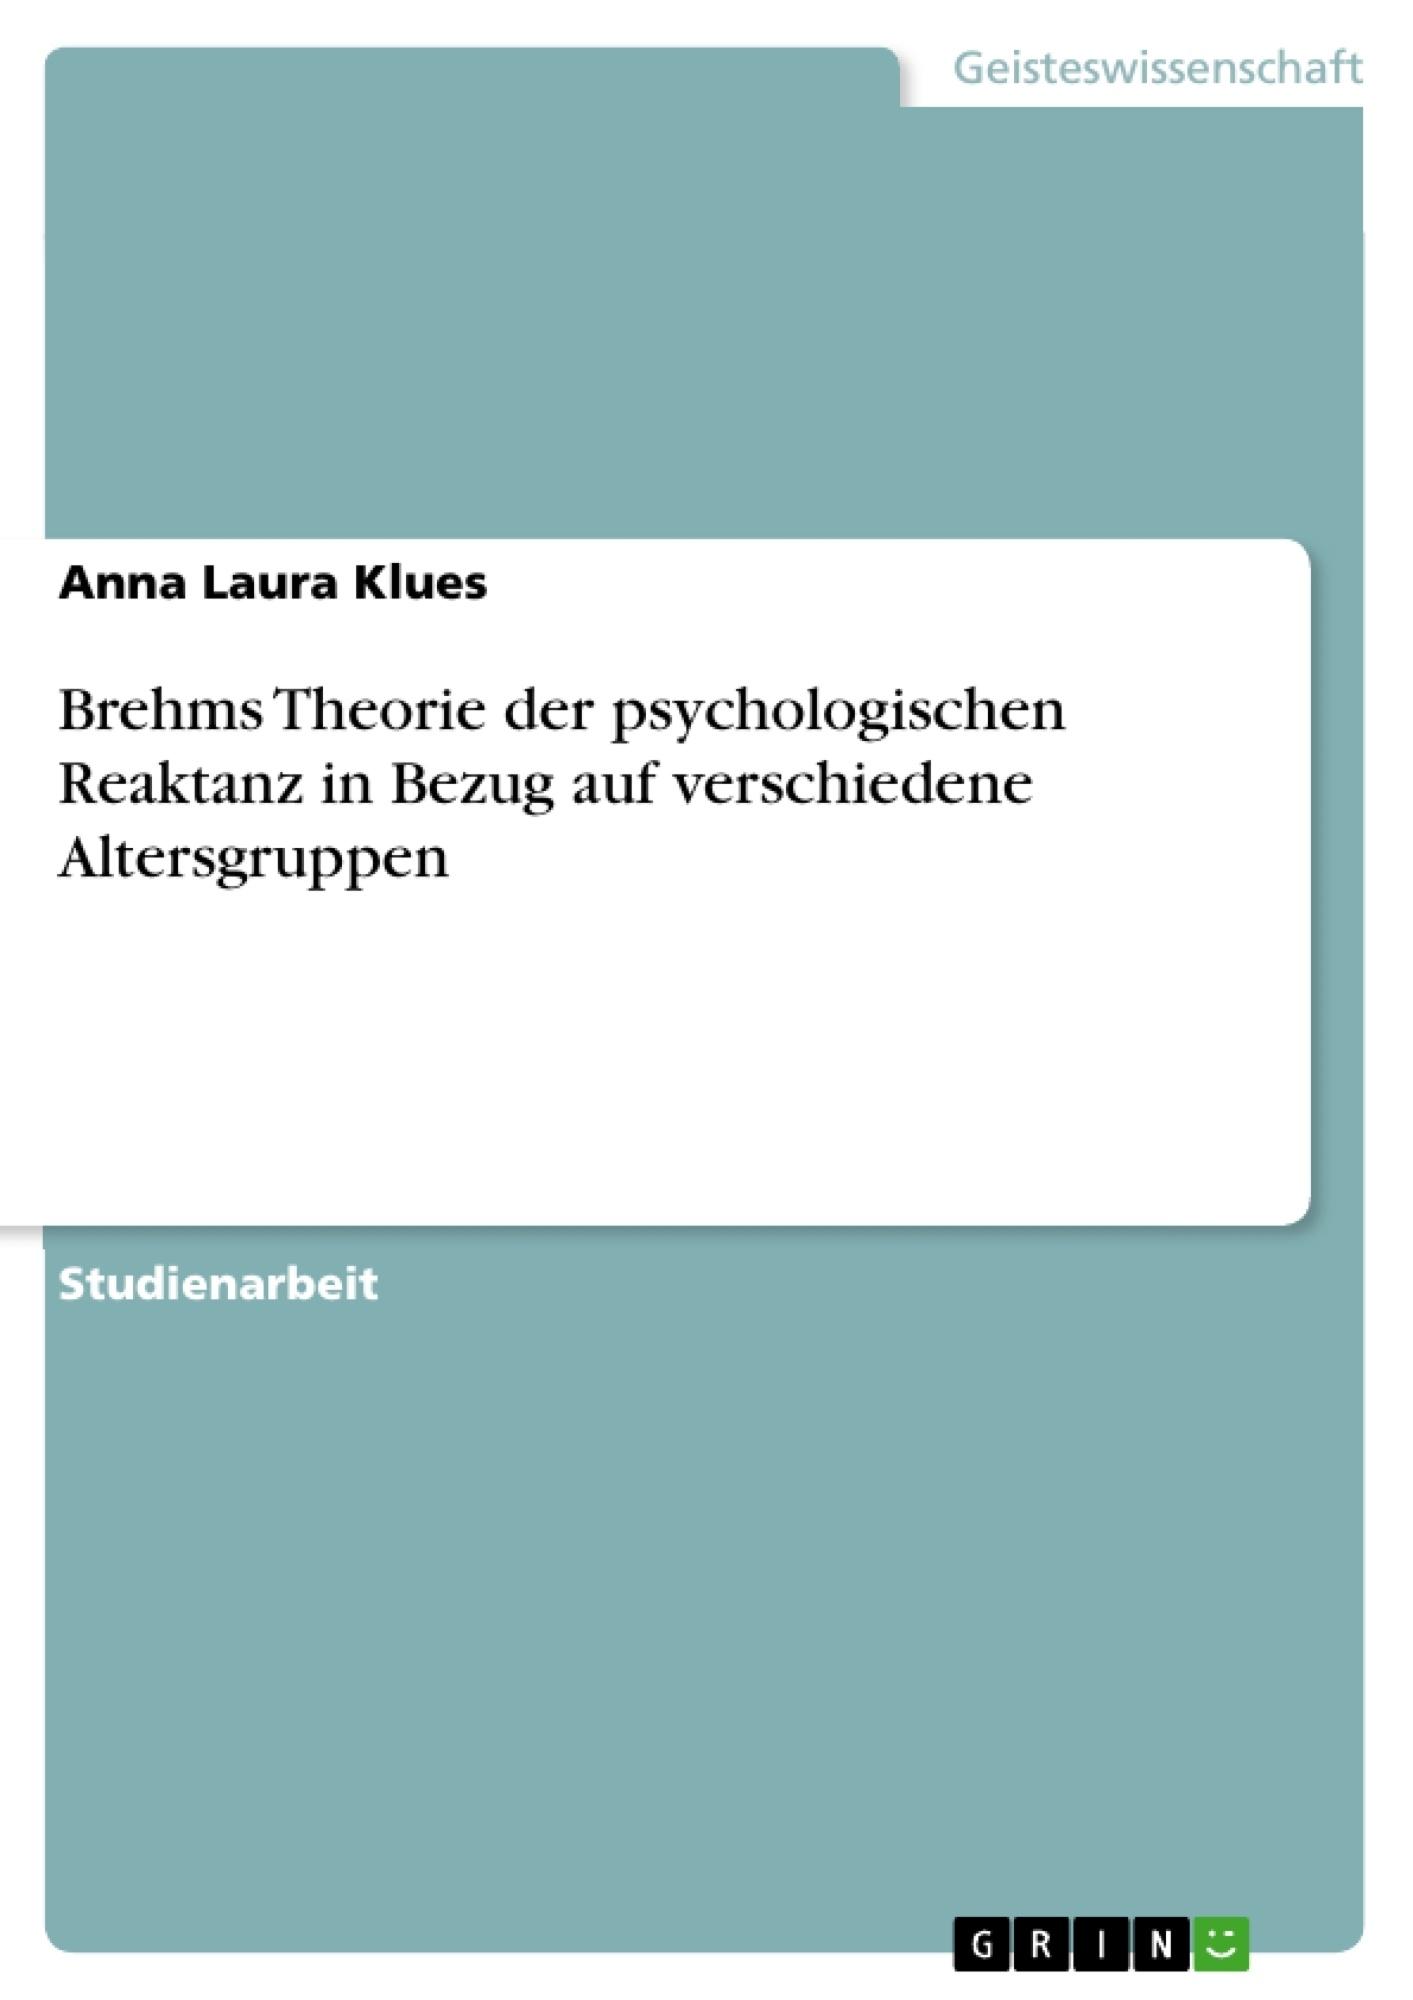 Titel: Brehms Theorie der psychologischen Reaktanz in Bezug auf verschiedene Altersgruppen